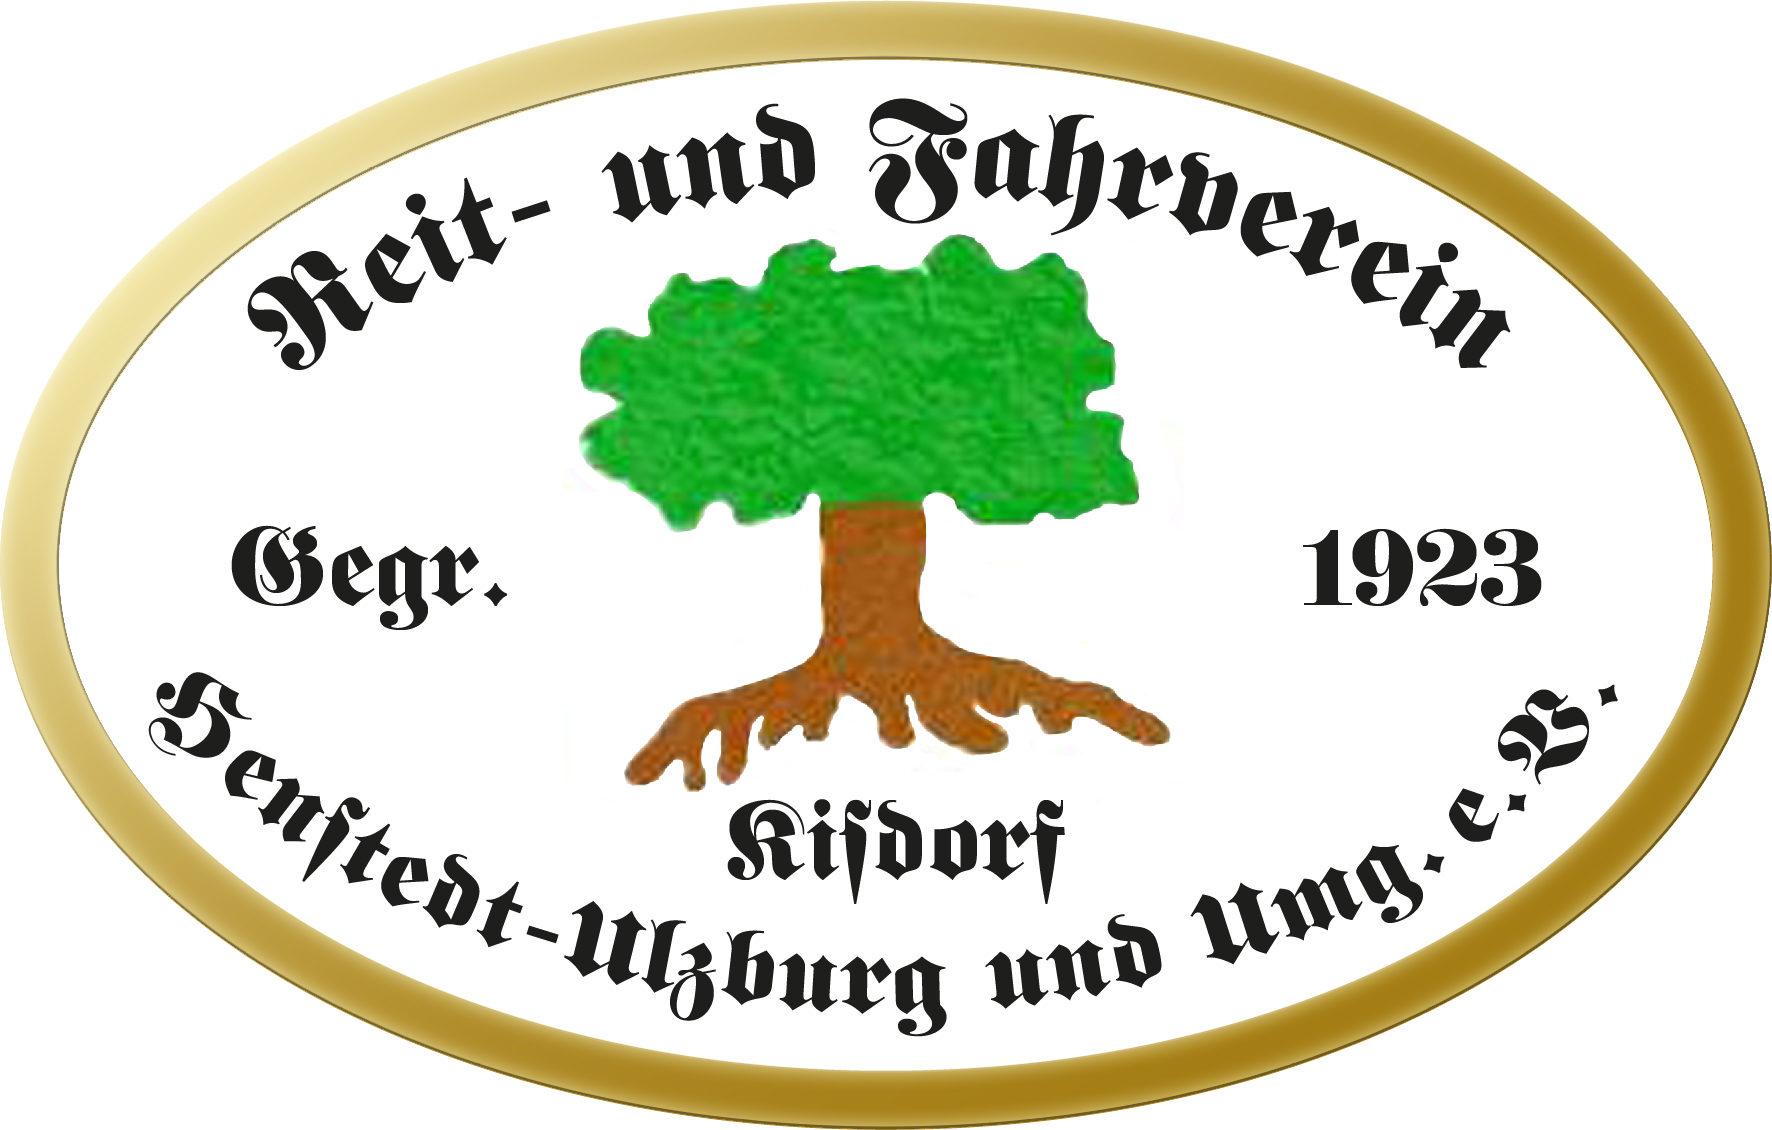 Reit- und Fahrverein Kisdorf, Henstedt-Ulzburg und Umgebung e.V.